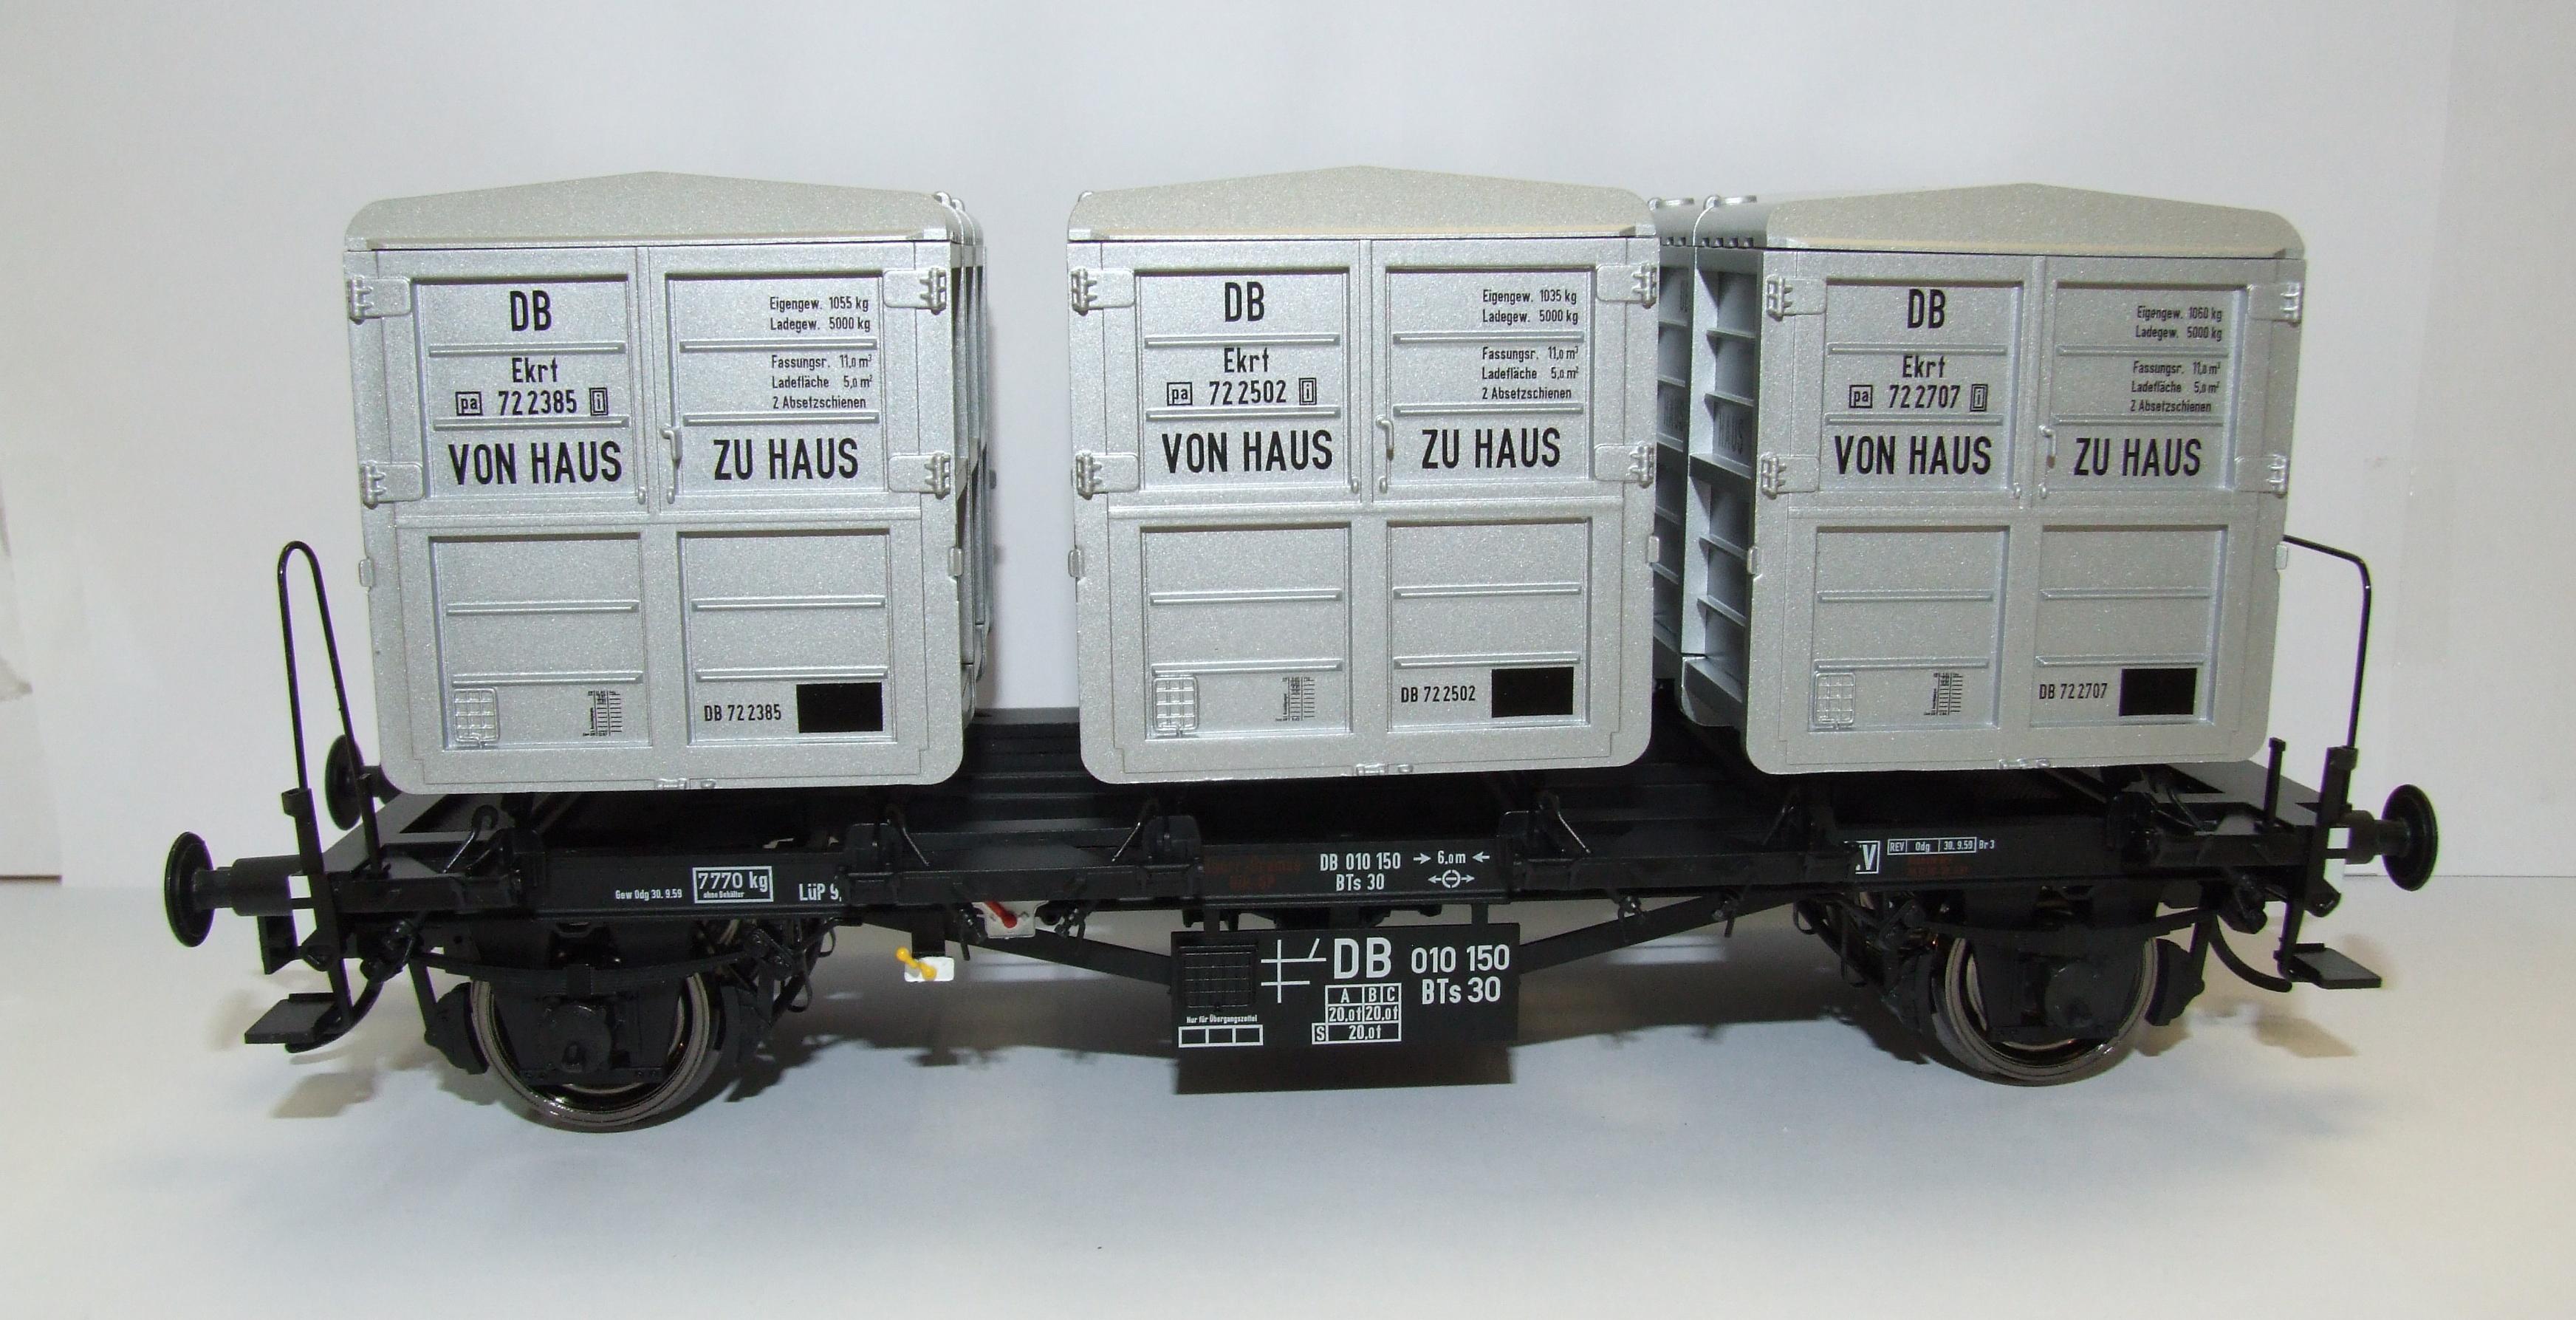 Vorbei...und damit zu langsam gewesen...    Schnell sein: Modellbahn BRAWA 37160 Spur 0 Behältertragwagen BTs30 DB EP III von Haus zu Haus bei Kieskemper